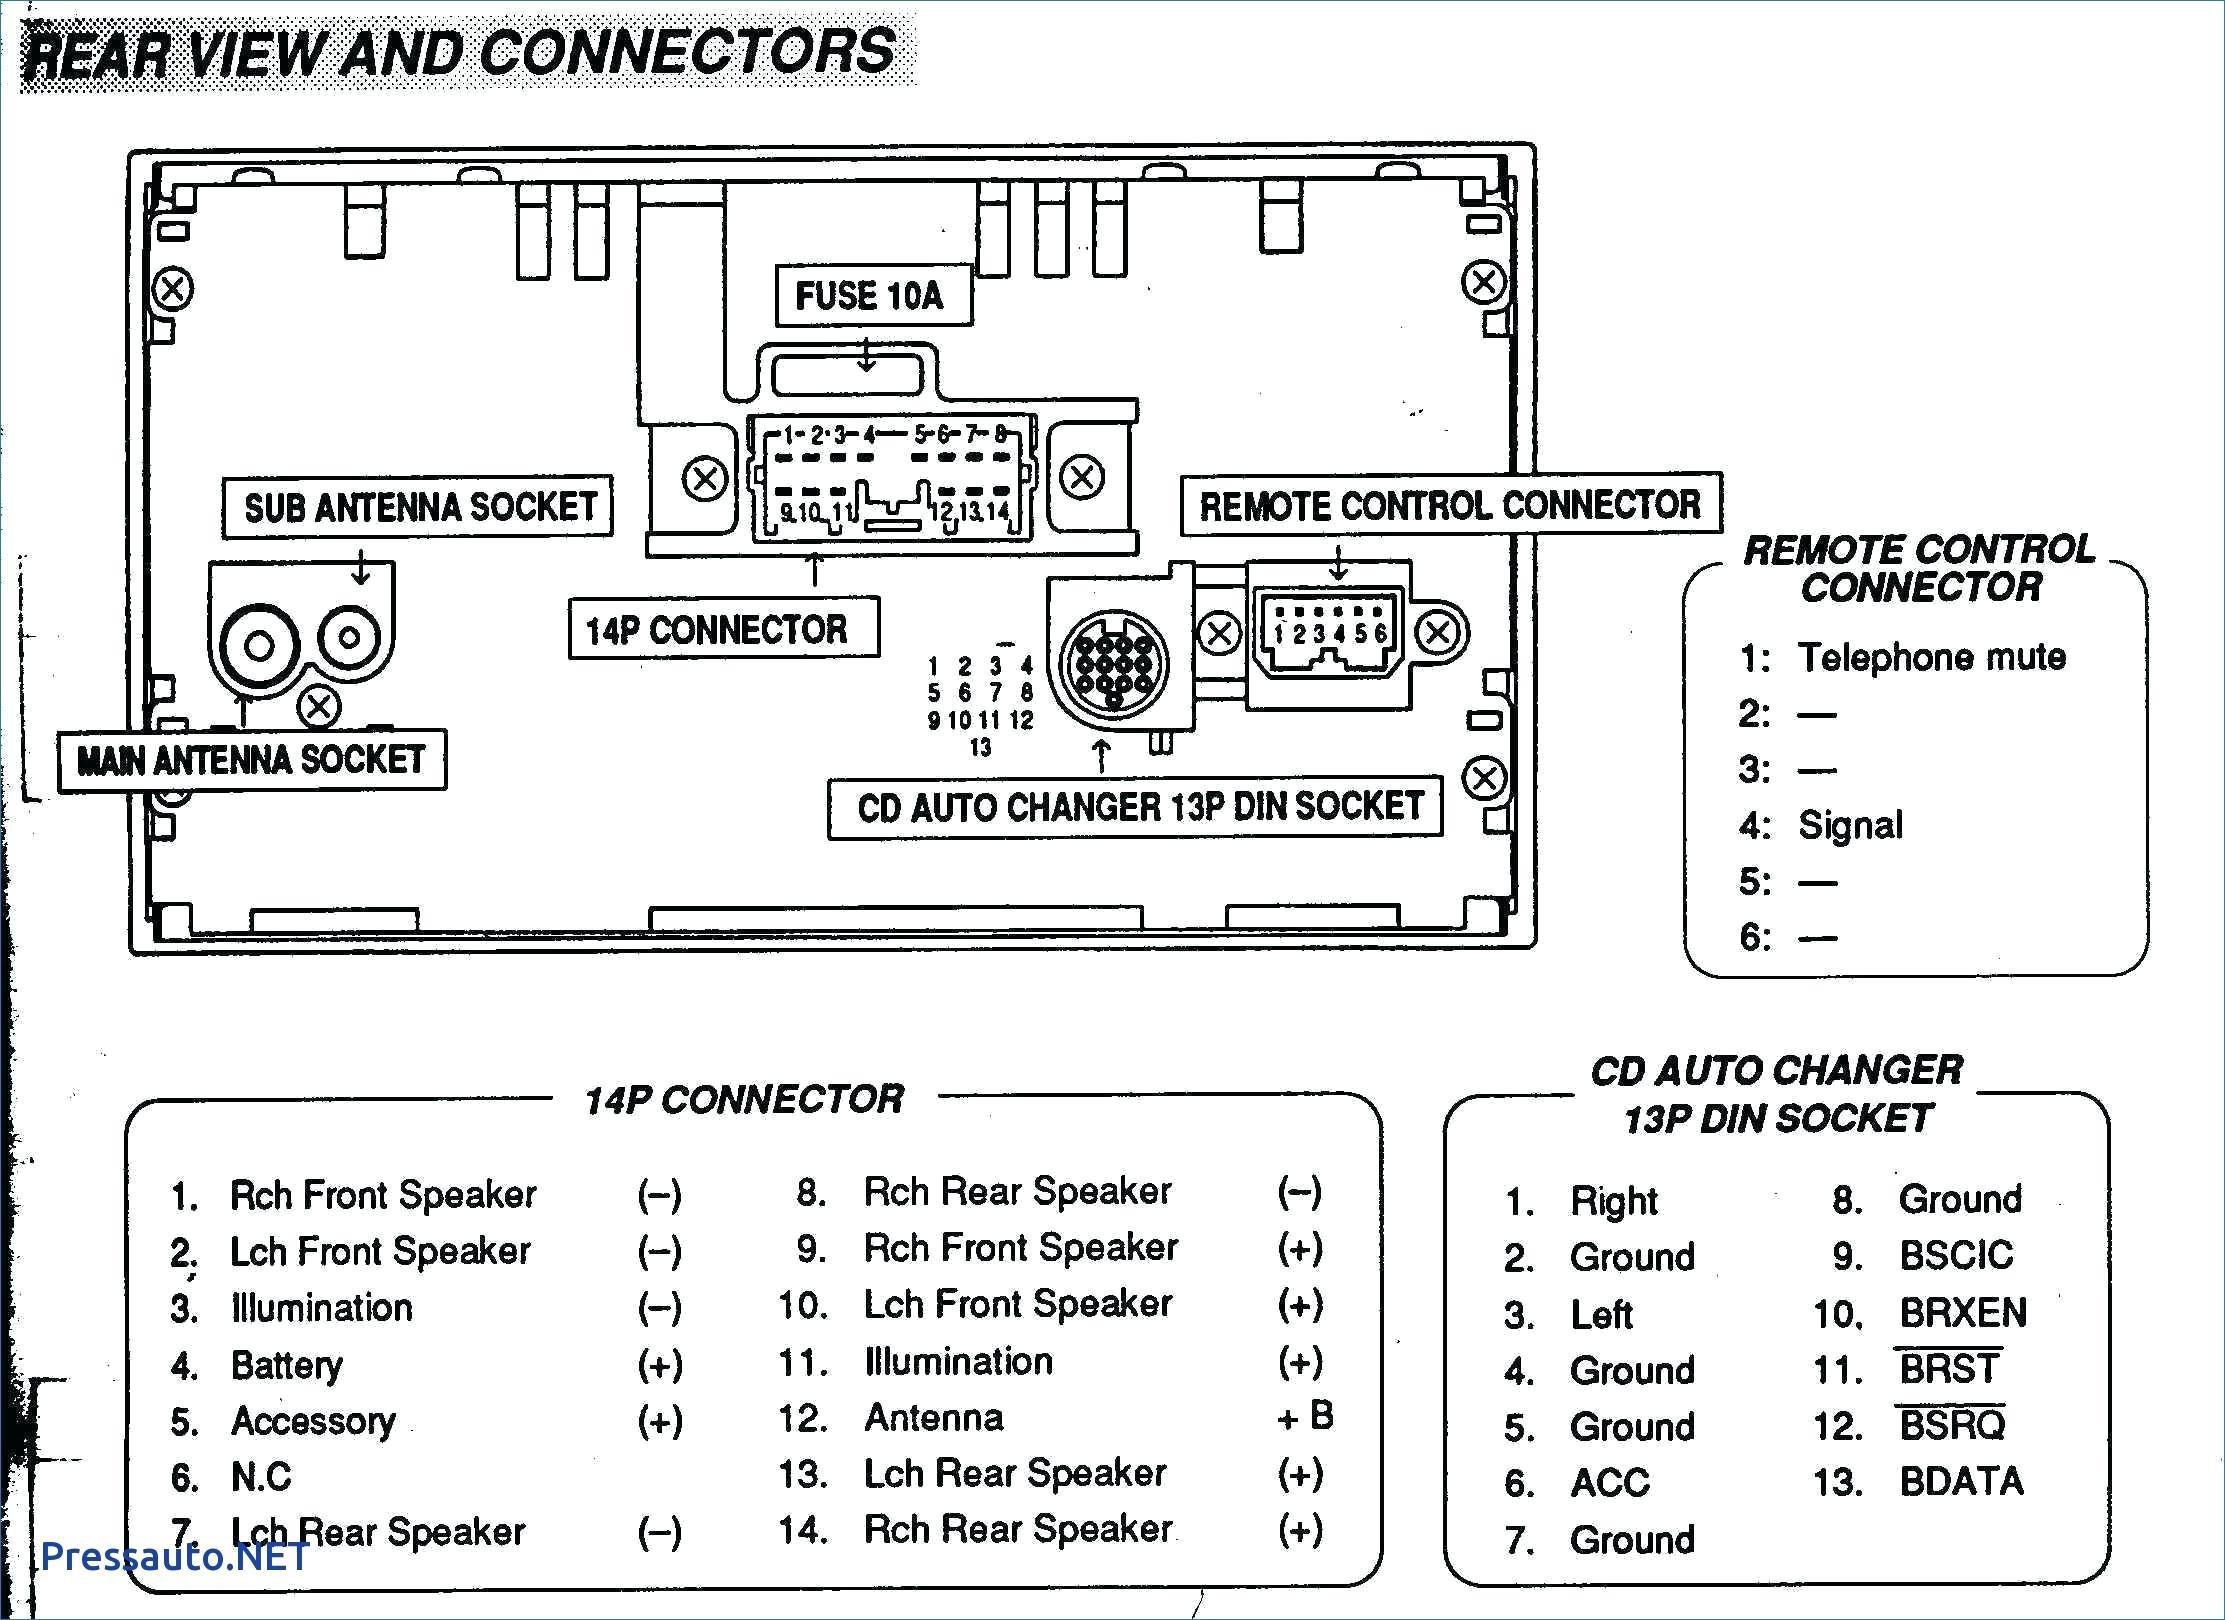 2013 tiguan fuse box diagram 2001 jetta fuse box diagram wiring diagrams show  2001 jetta fuse box diagram wiring